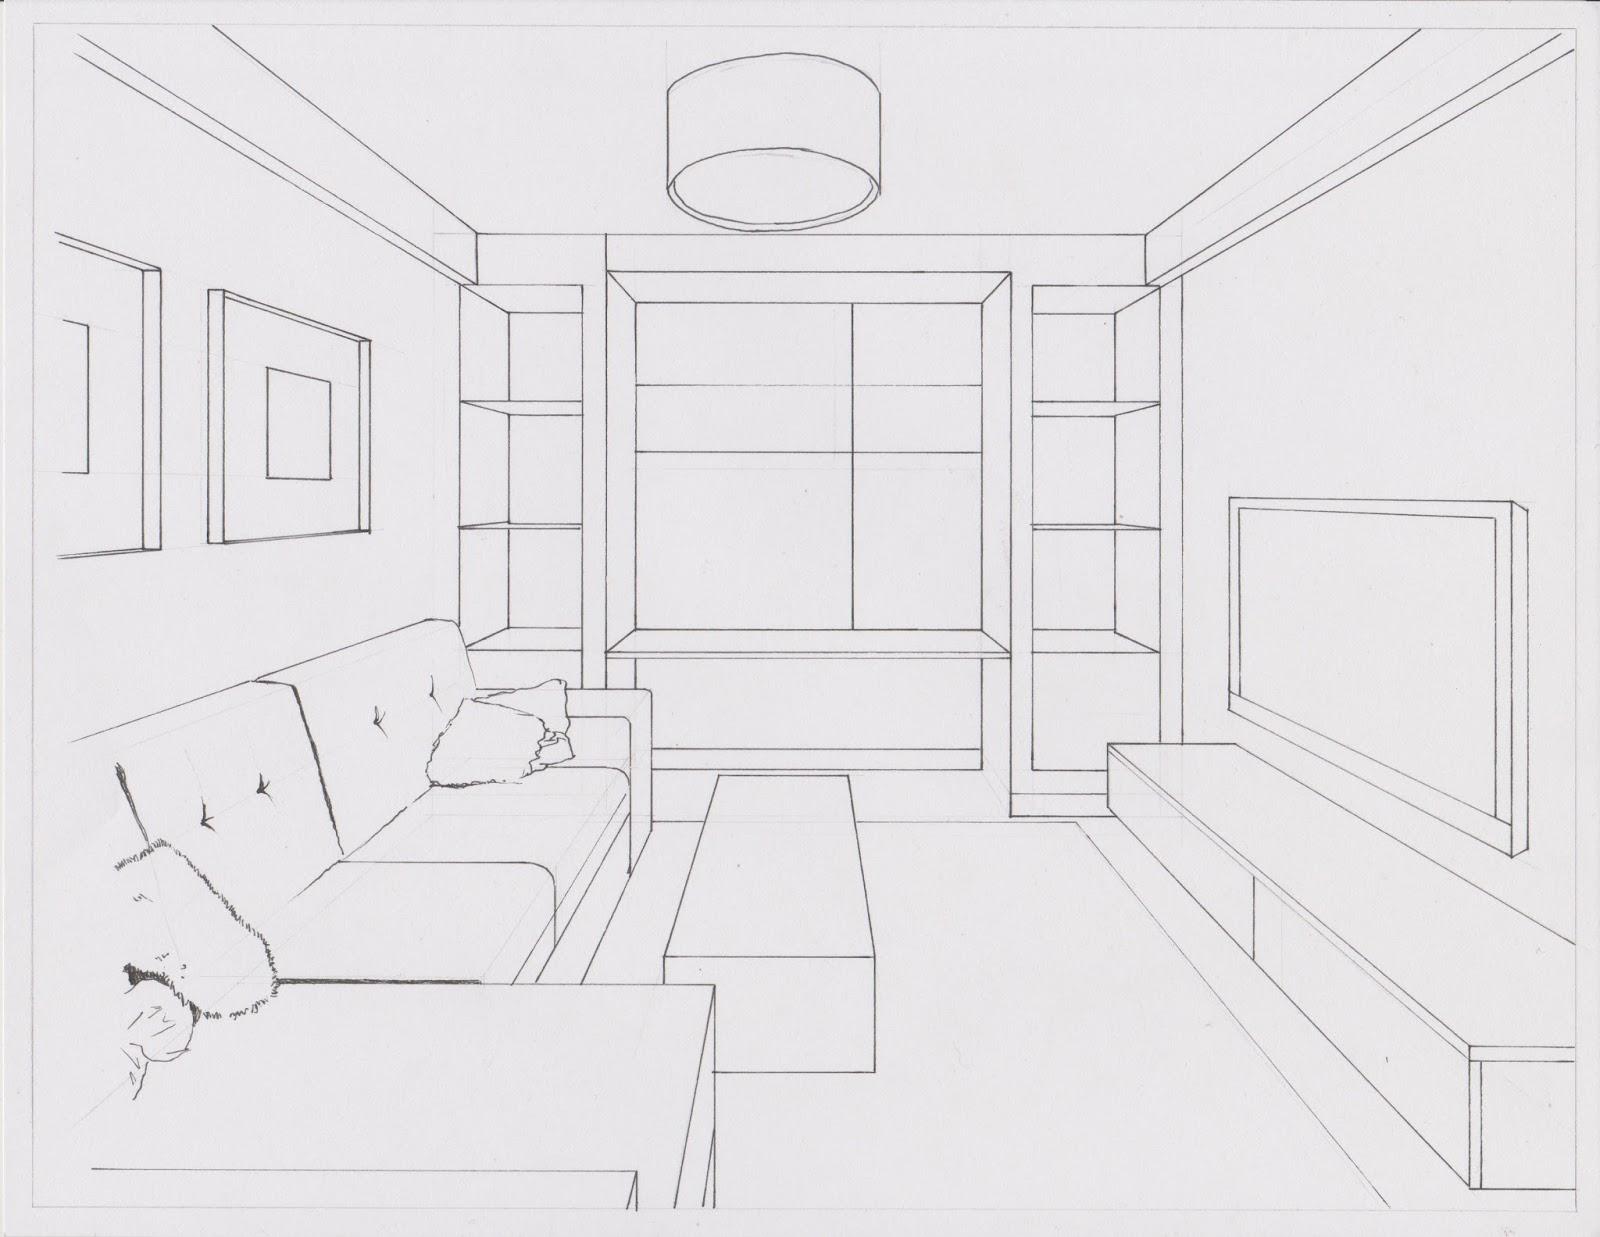 Dise o visual actividad 4 perspectiva c nica - Diseno de una habitacion ...